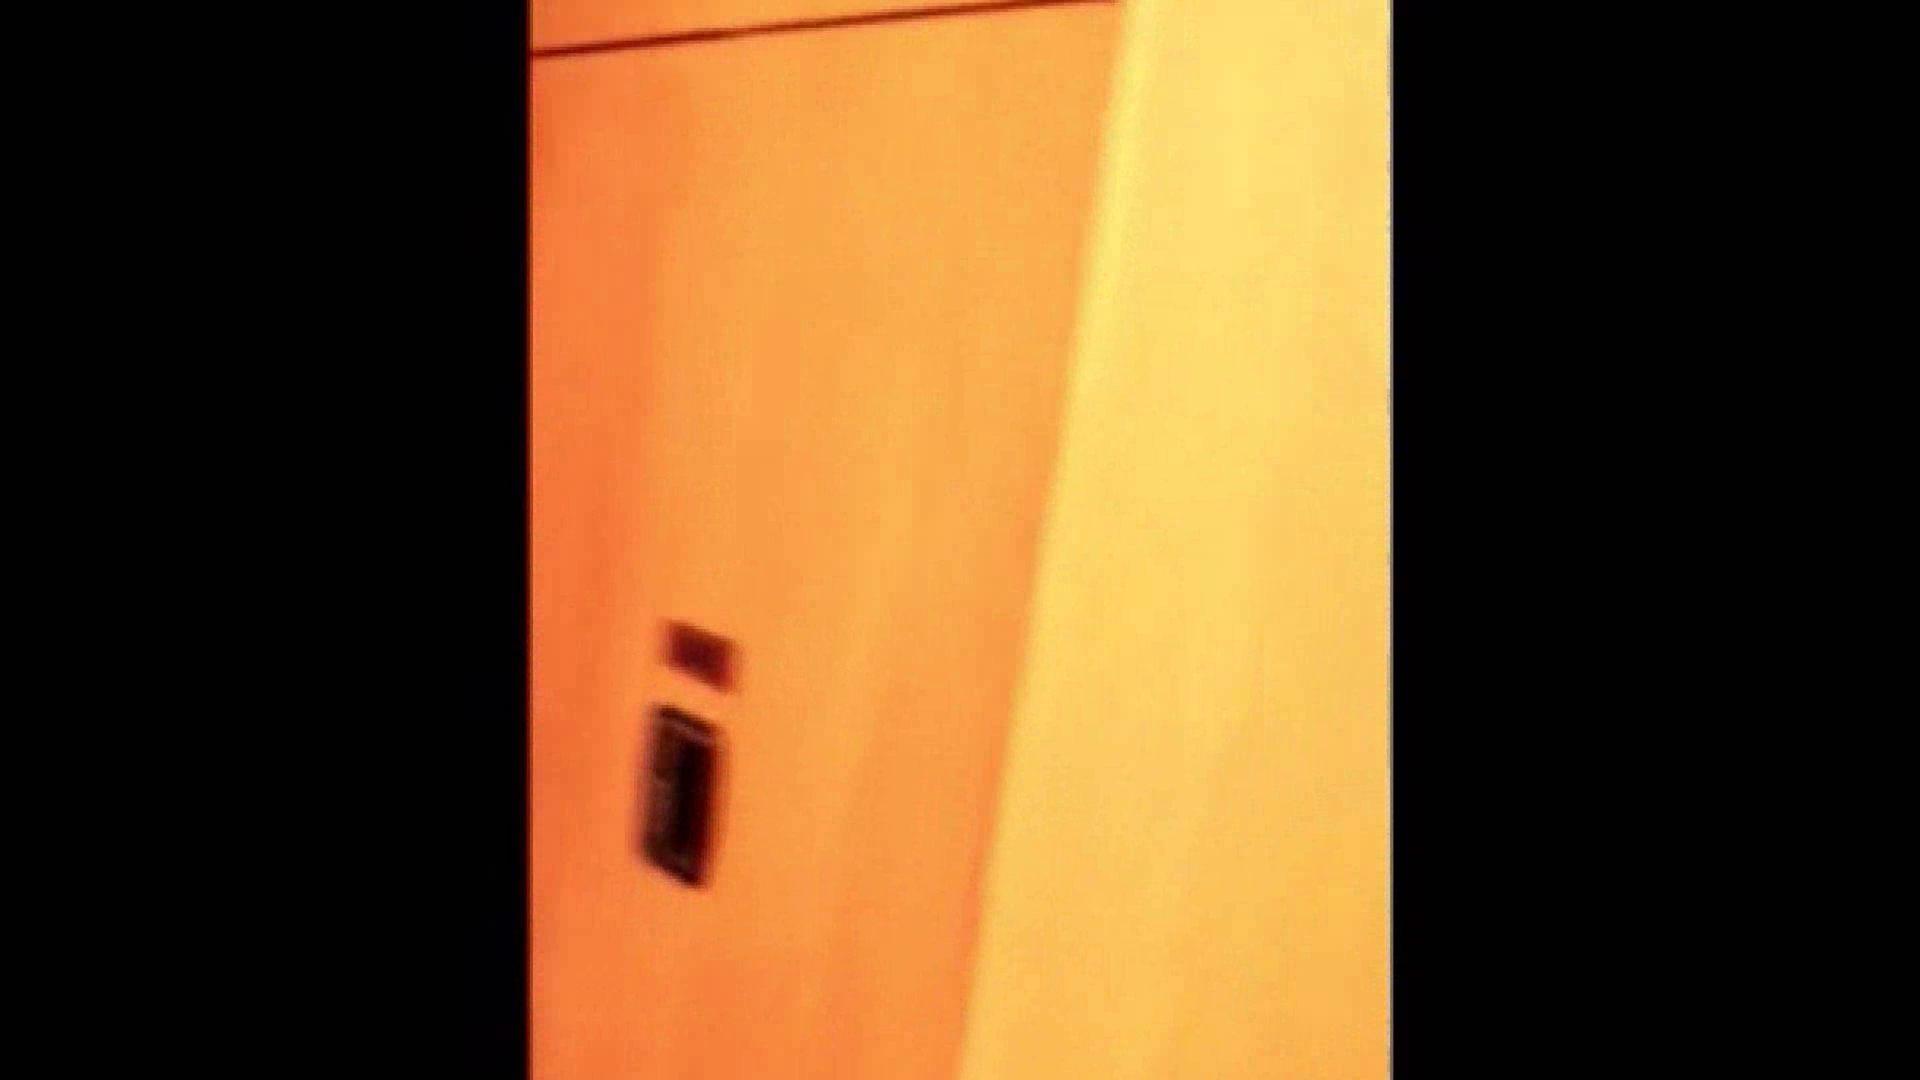 すみませんが覗かせてください Vol.01 イケメンのsex | 0  57pic 34